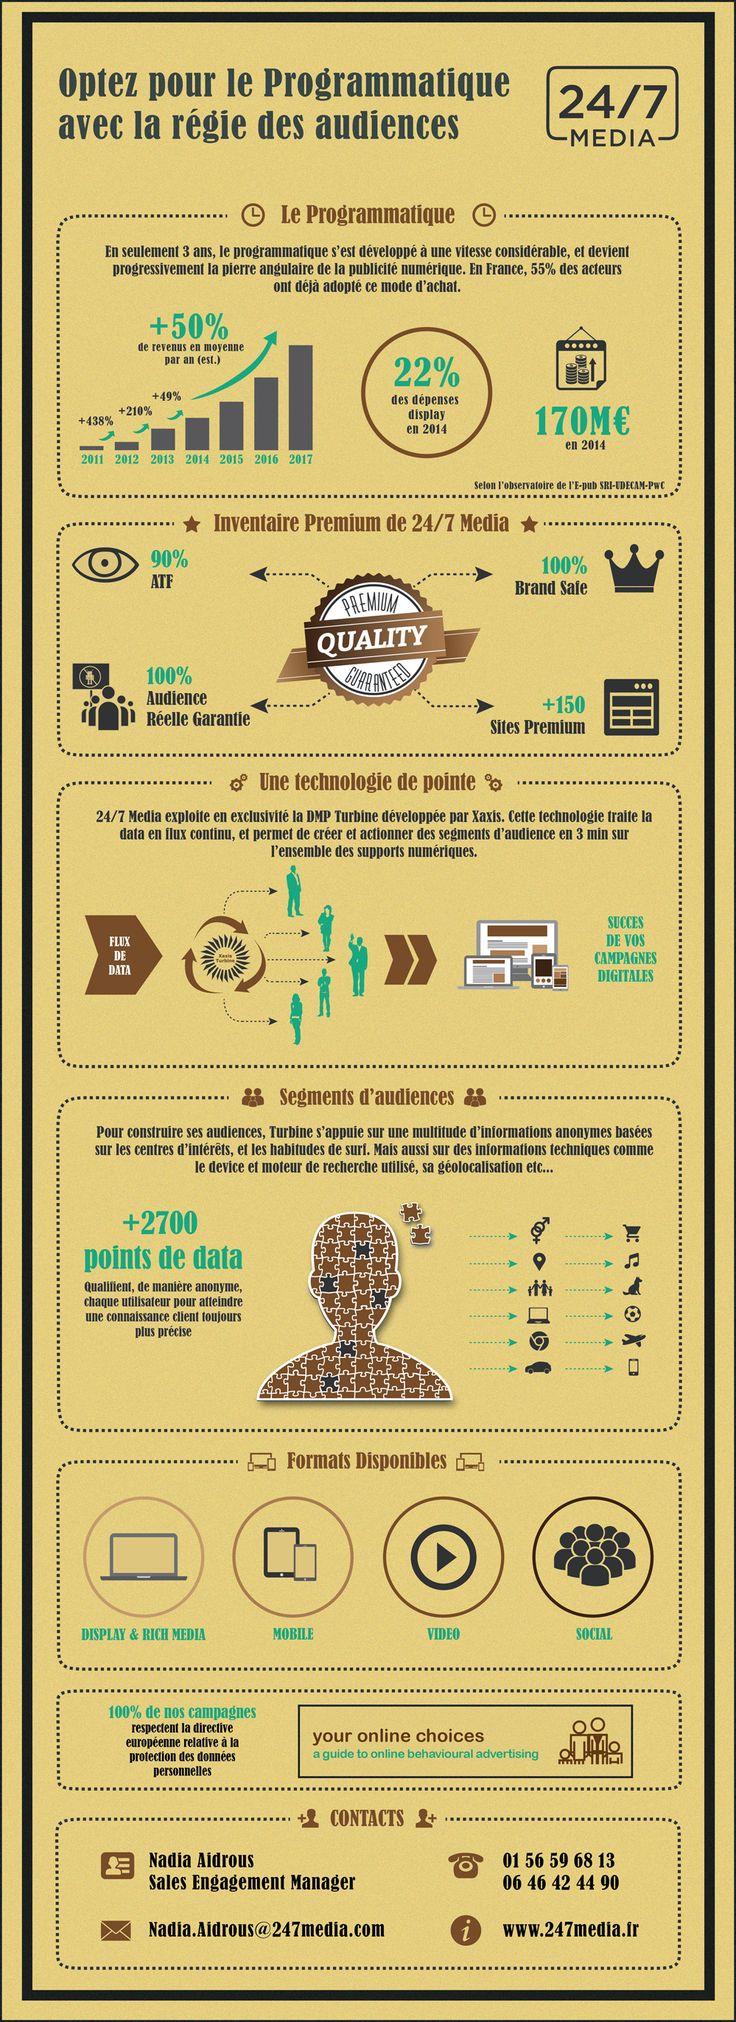 Infographie : le programmatique avec 24/7 Media - Ratecard